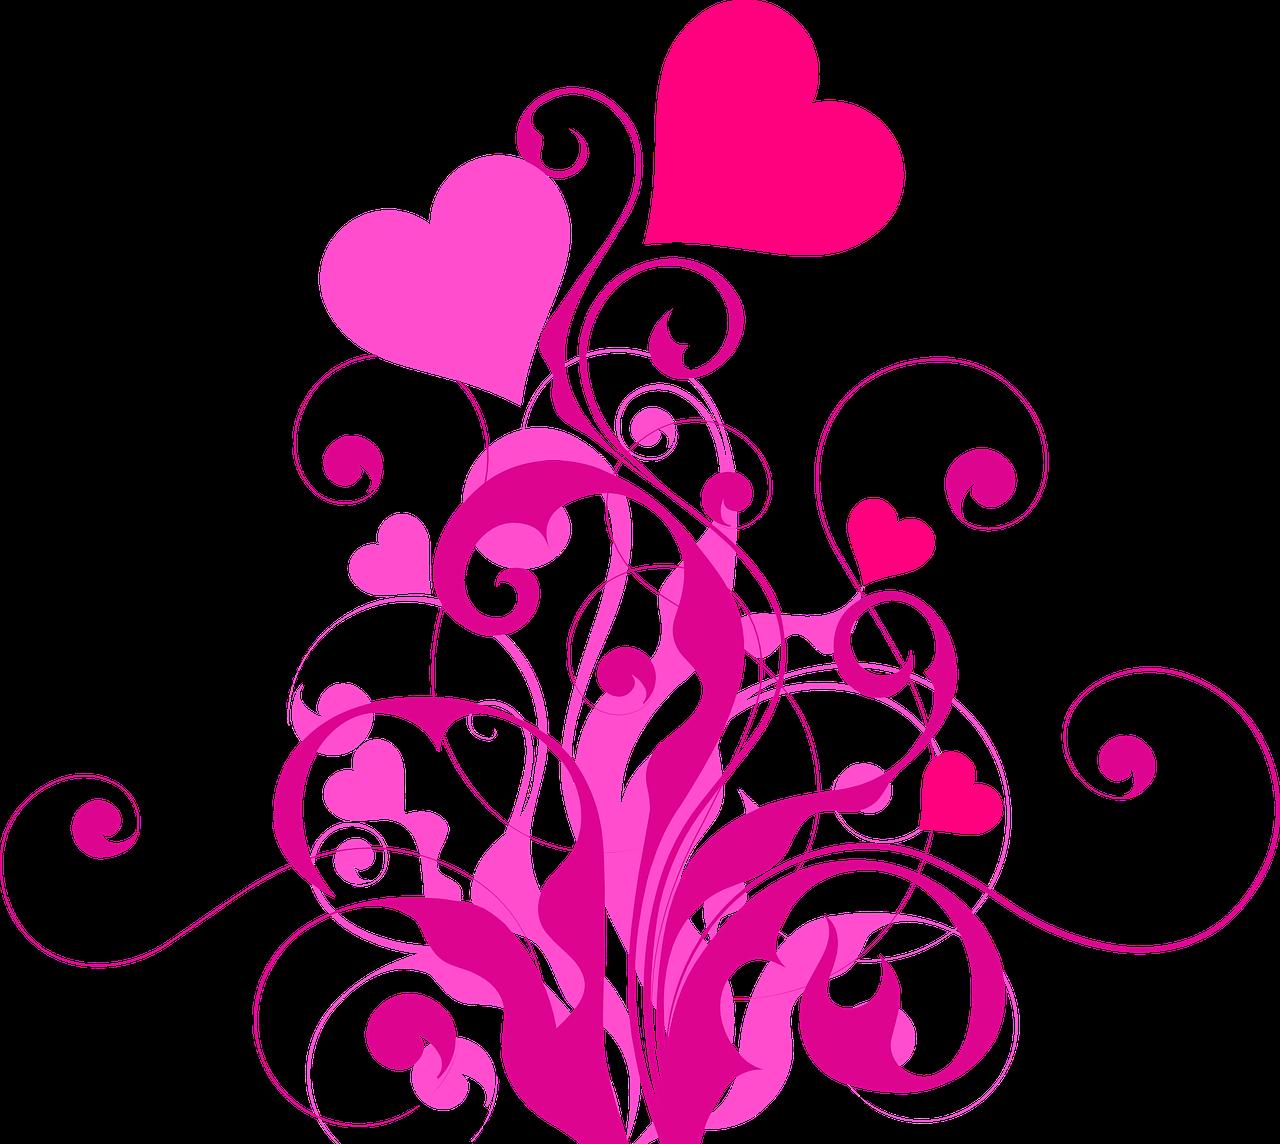 Flavie Dode énergie douce coeur amour rose violet semer les graines grandir